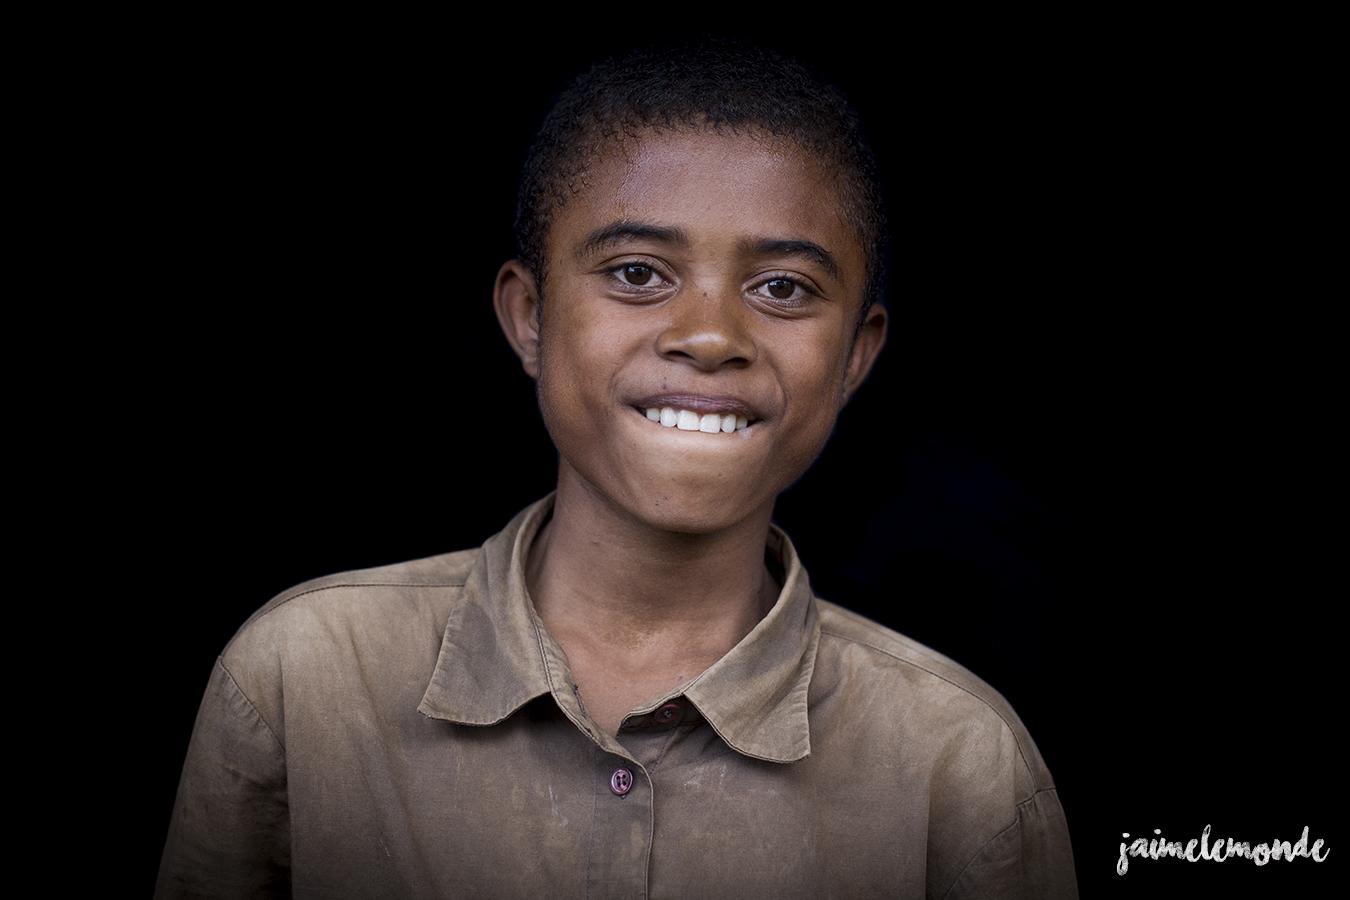 portraits-fond-noir-vohitsaoka-madagascar-jaimelemonde-17